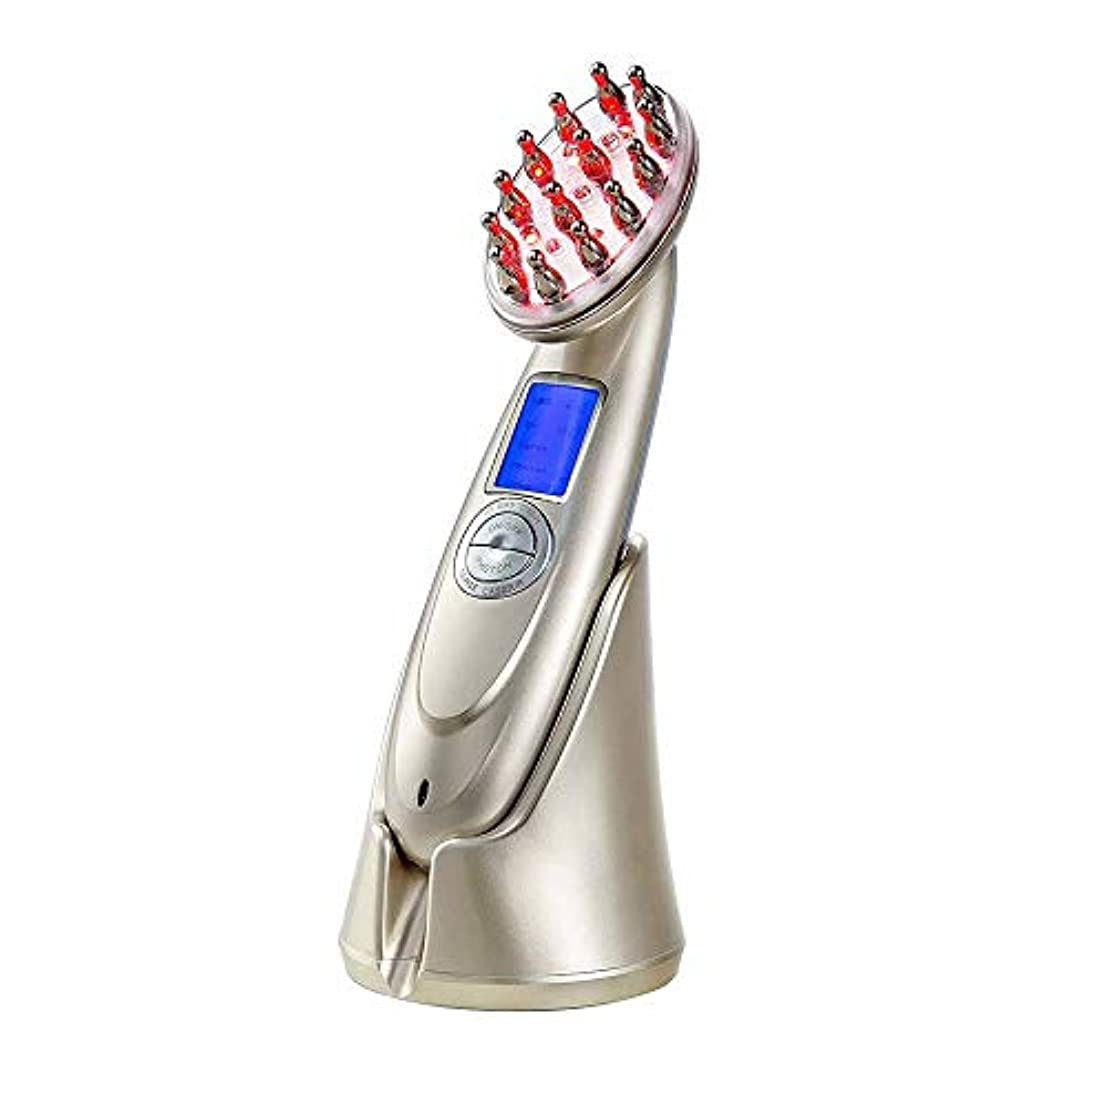 シャベル神秘的な推進髪の成長櫛電気抗毛損失治療マッサージヘア再生ブラシ無線周波数職業 EMS Led フォトンライトセラピー櫛